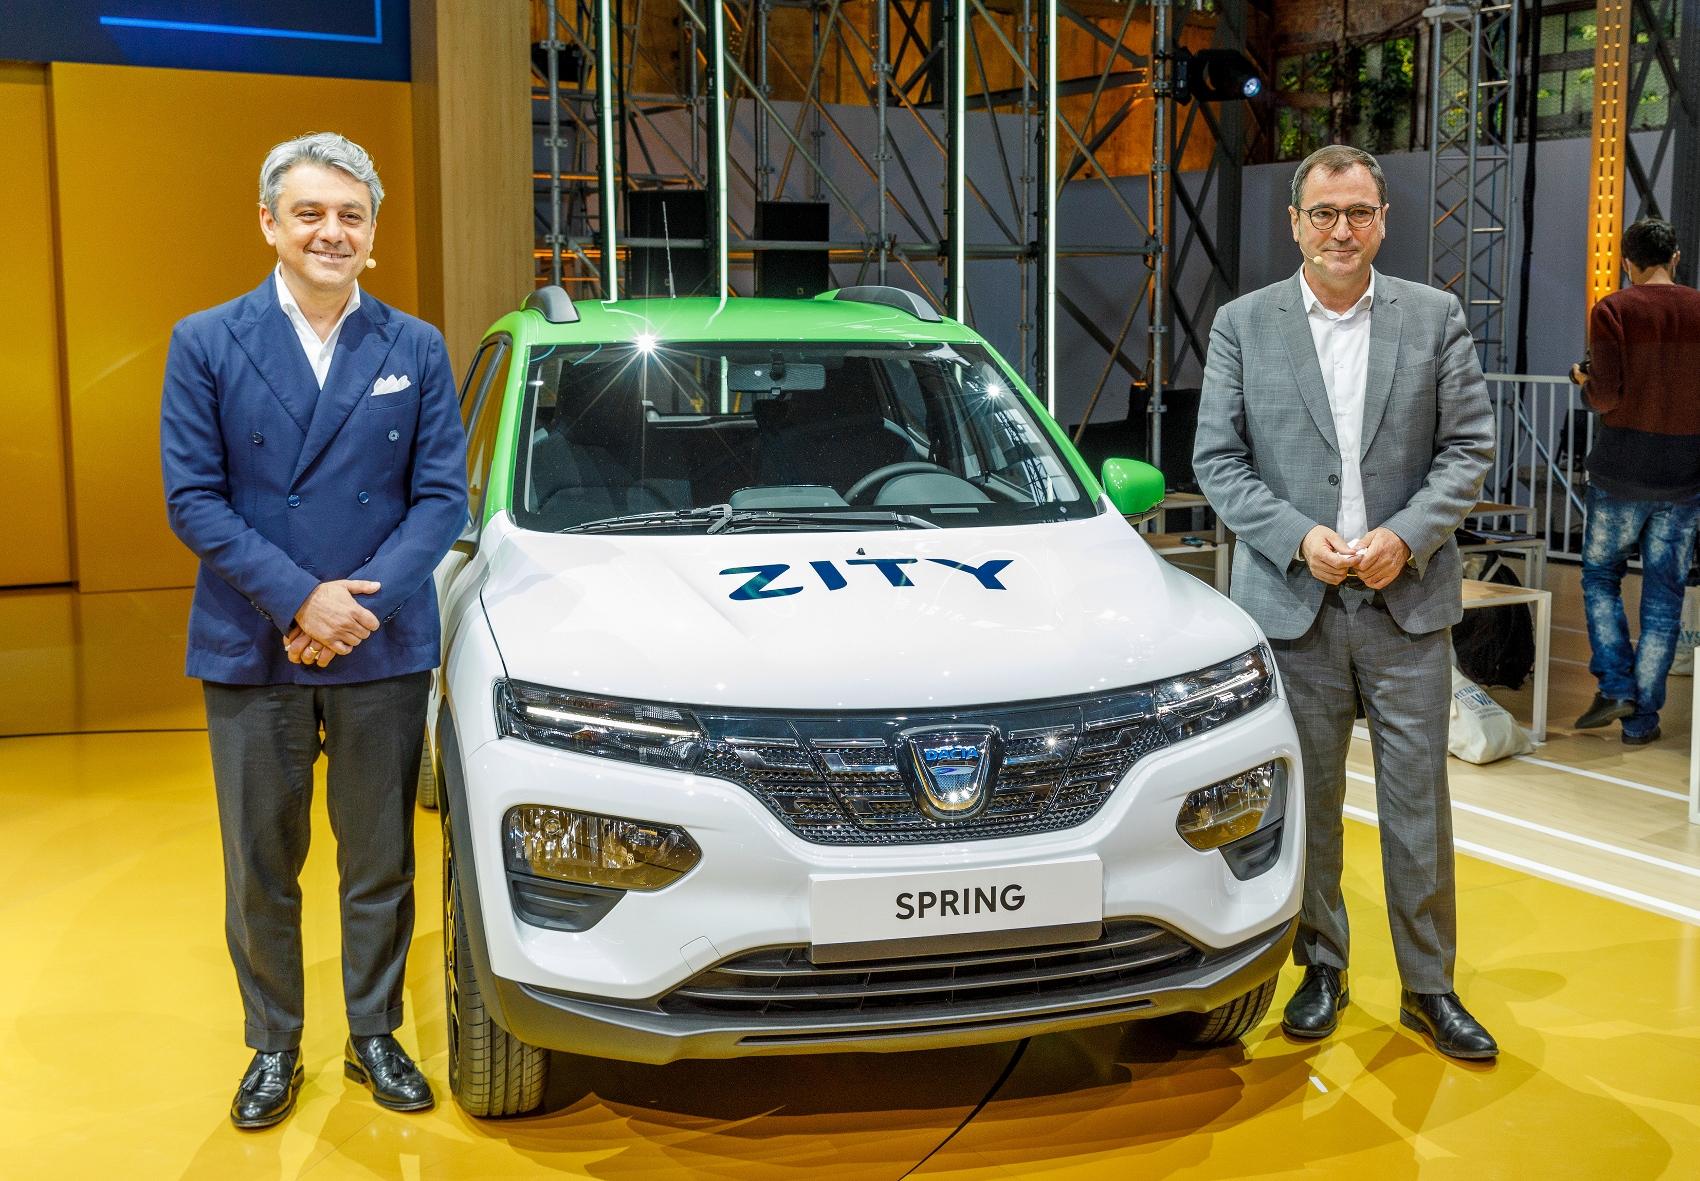 Nová elektrická Dacia Spring bude superlacná 8OFWFFl76N 2020-renault-eways-press-conference-8-1700x1